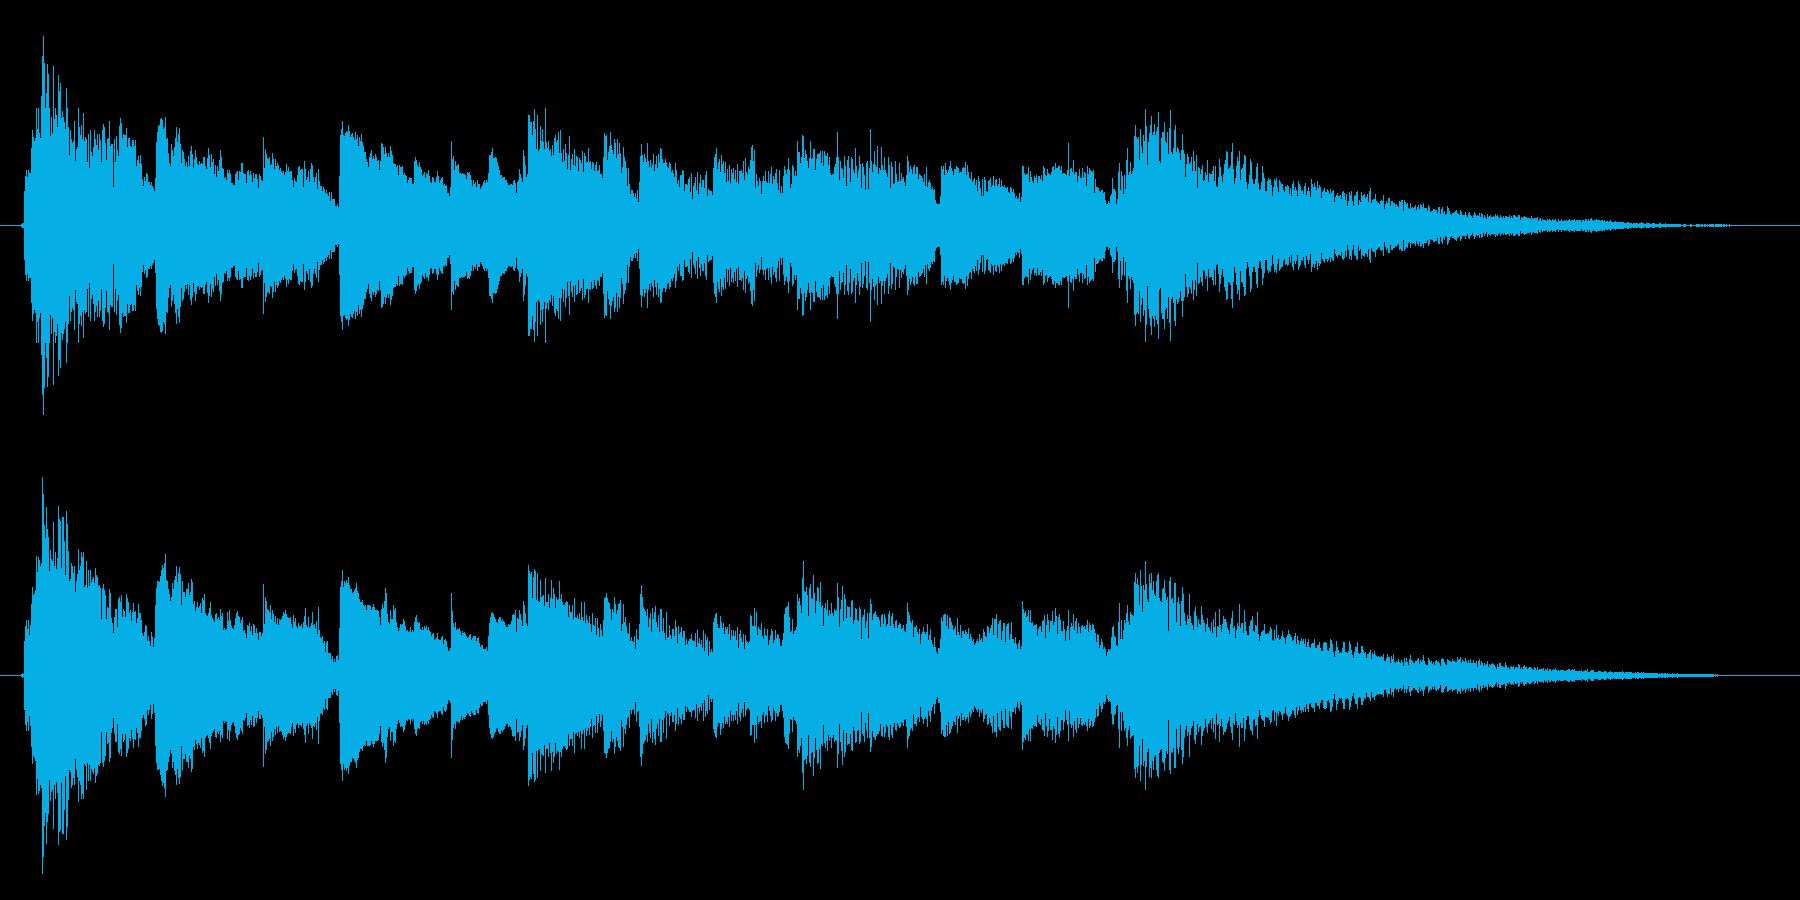 眠りと目覚めを連想させるサウンドロゴ1の再生済みの波形